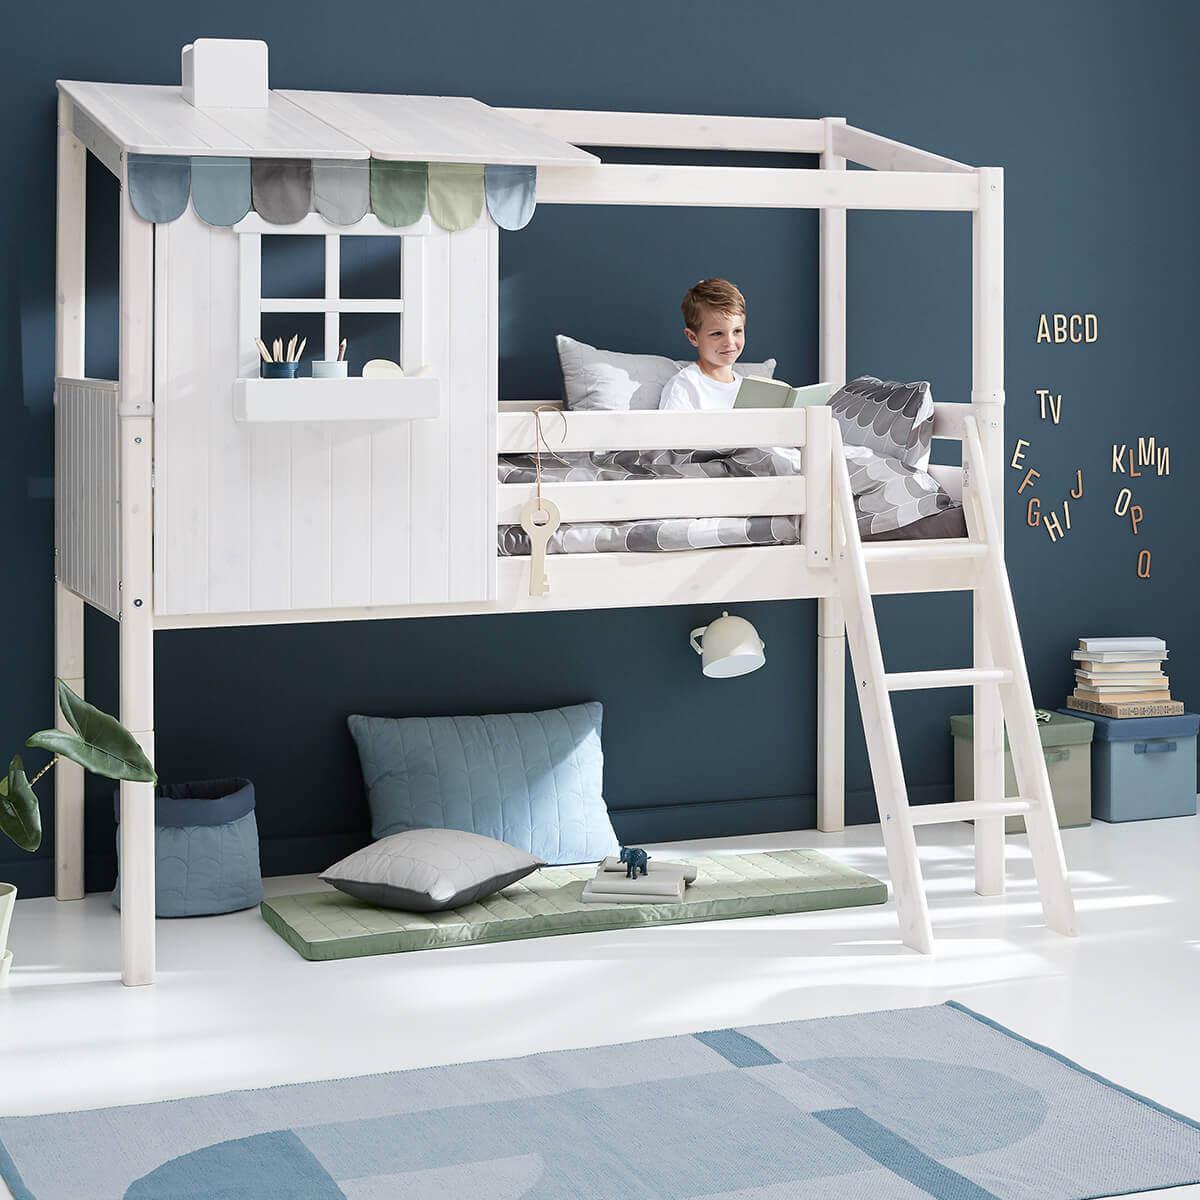 Estructura techo cama cabaña 200cm 1/2 PLAY HOUSE CLASSIC Flexa blanco cal-blanco